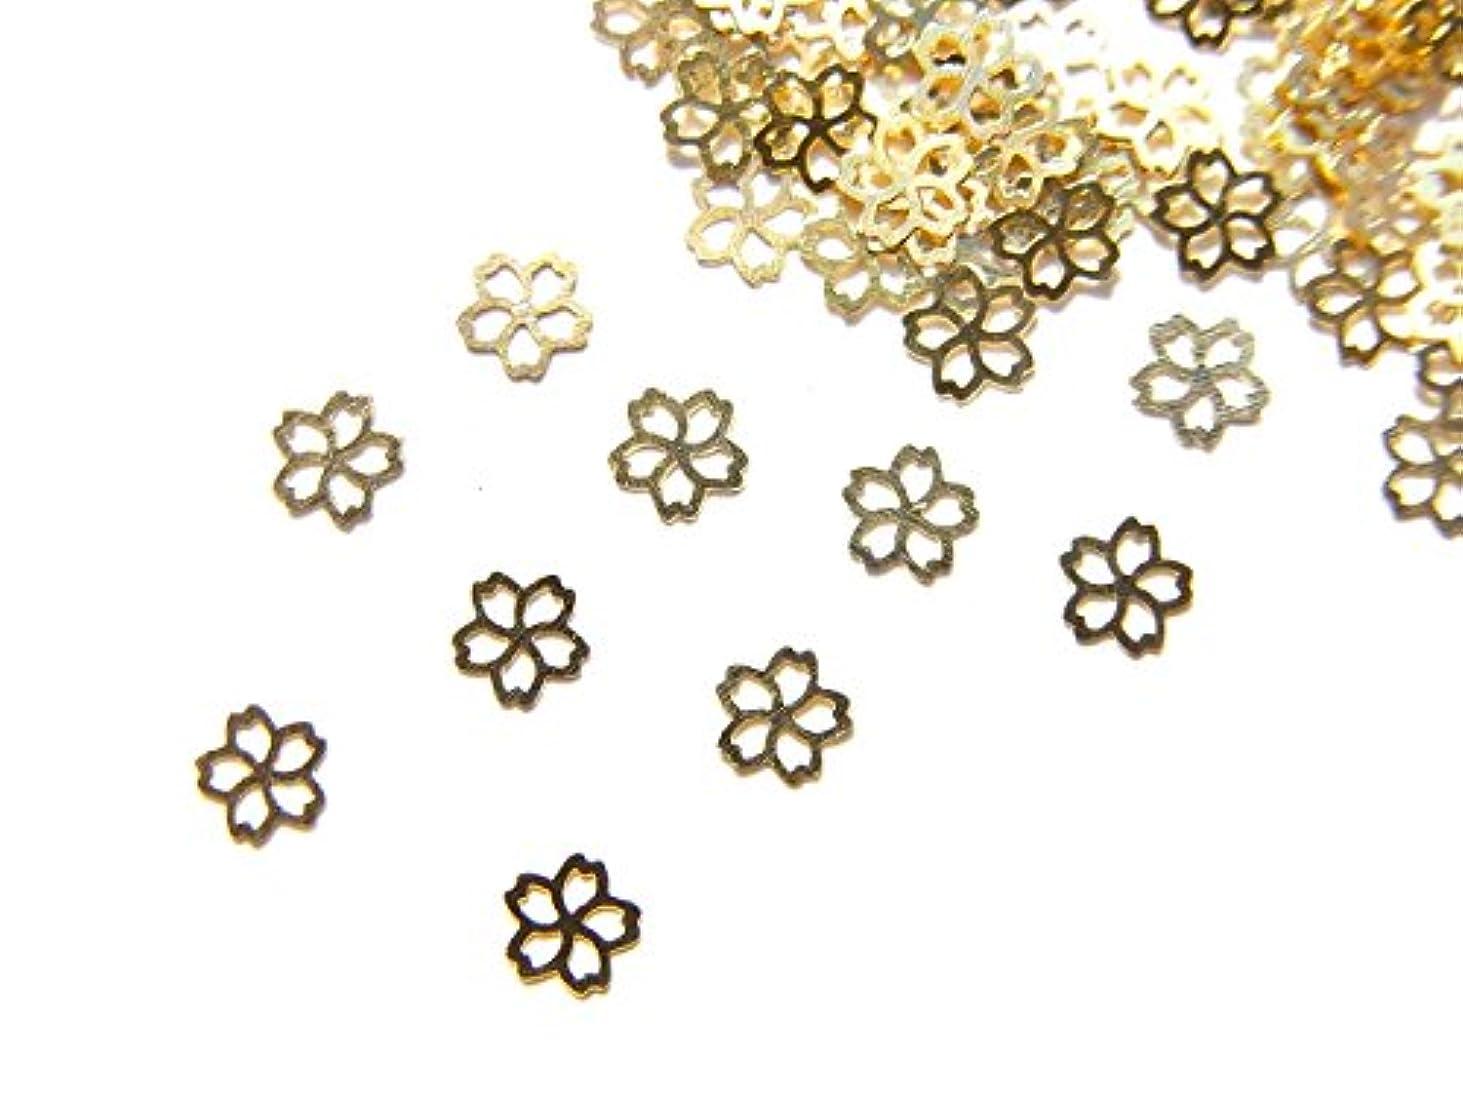 ベルホイスト資源【jewel】ug27 春ネイル 薄型ゴールド メタルパーツ Sサイズ 桜 サクラB 10個入り ネイルアートパーツ レジンパーツ